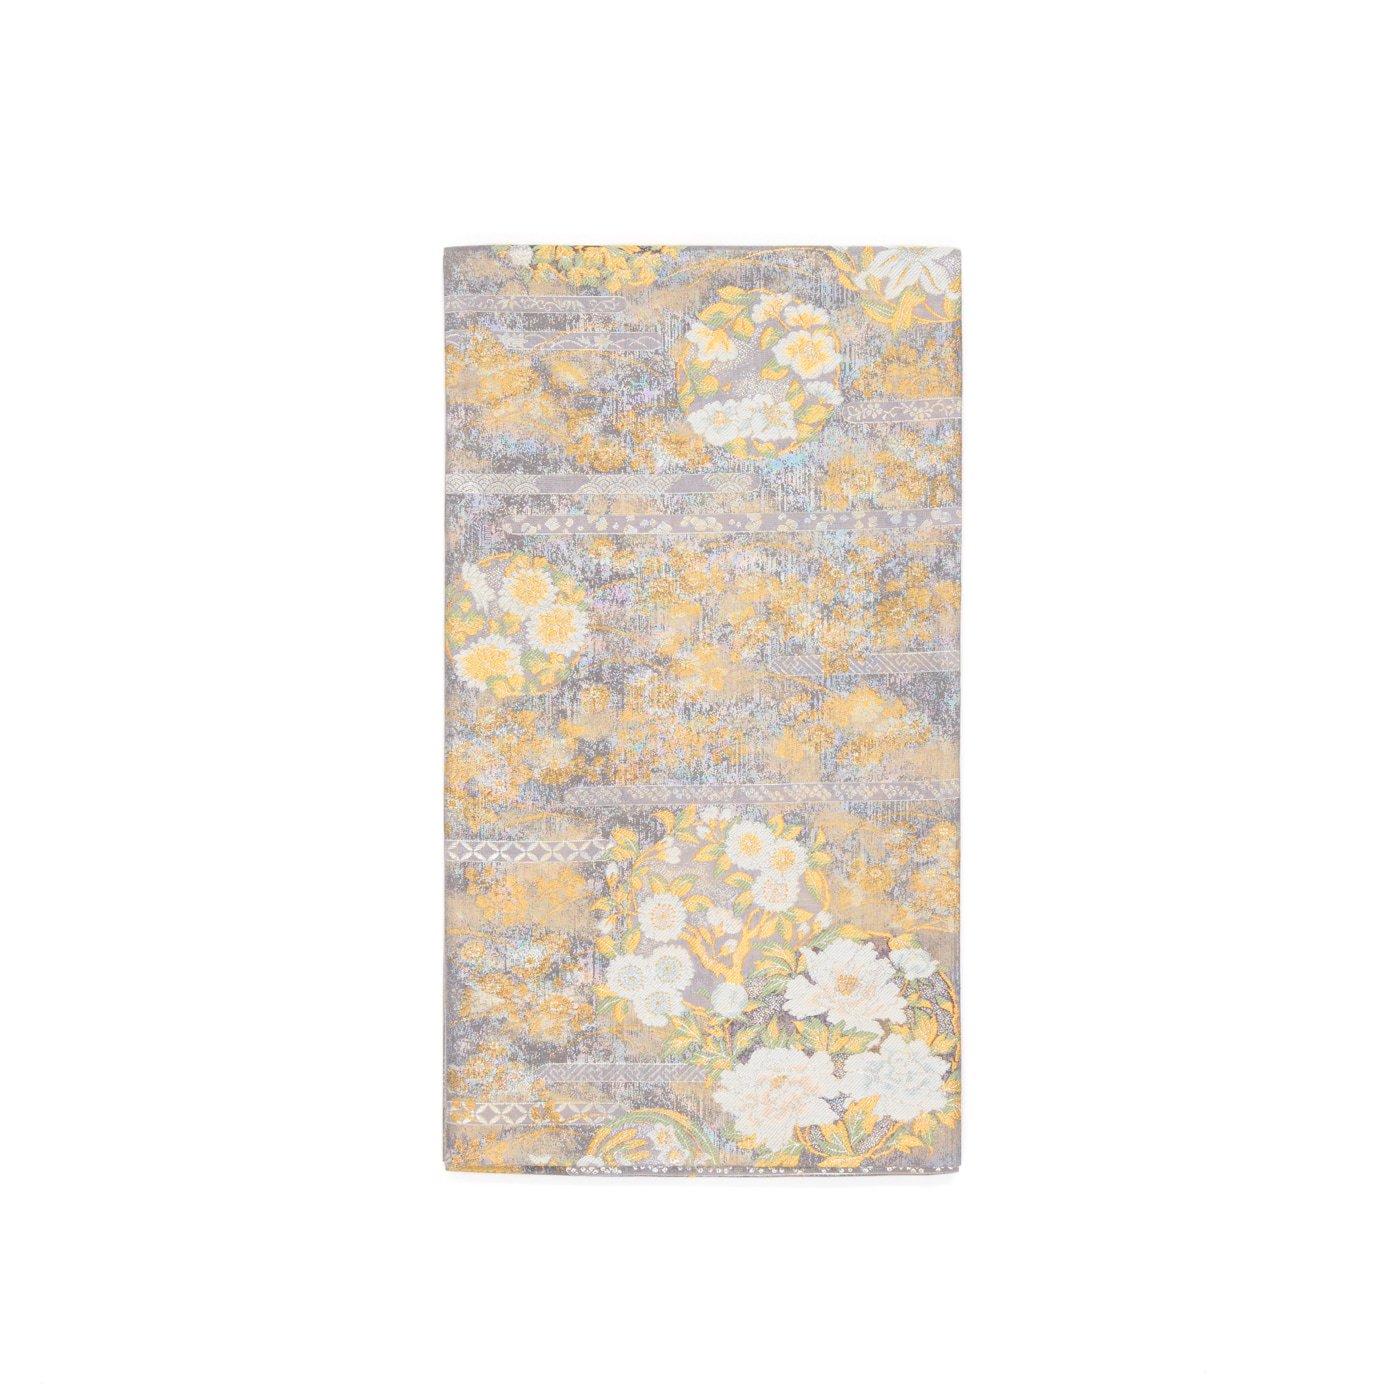 「袋帯●牡丹 百合 椿 桜などの華丸文様」の商品画像